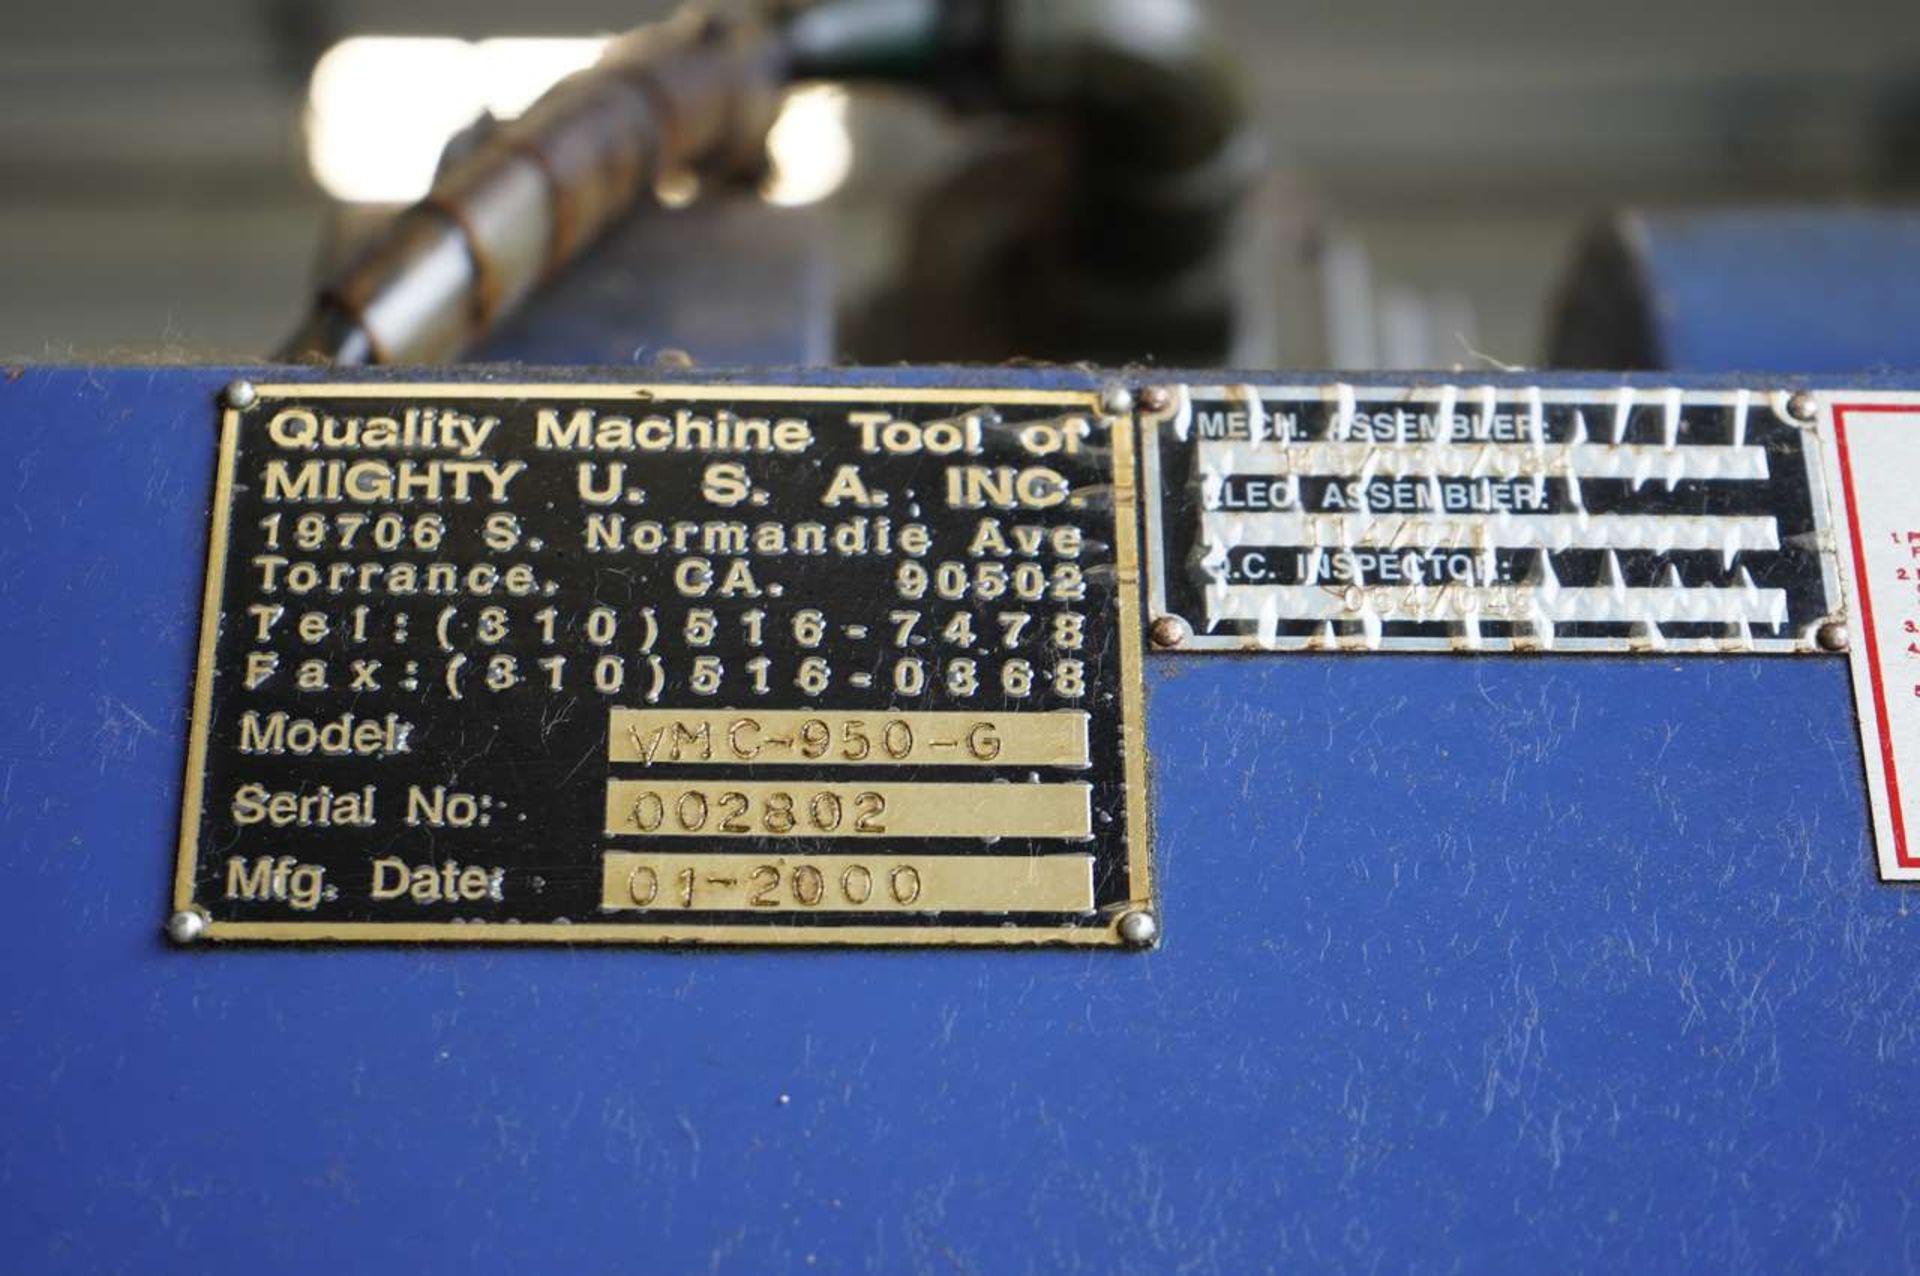 Lot 33 - 2000 Viper VMC950-G CNC Vertical Machining Center